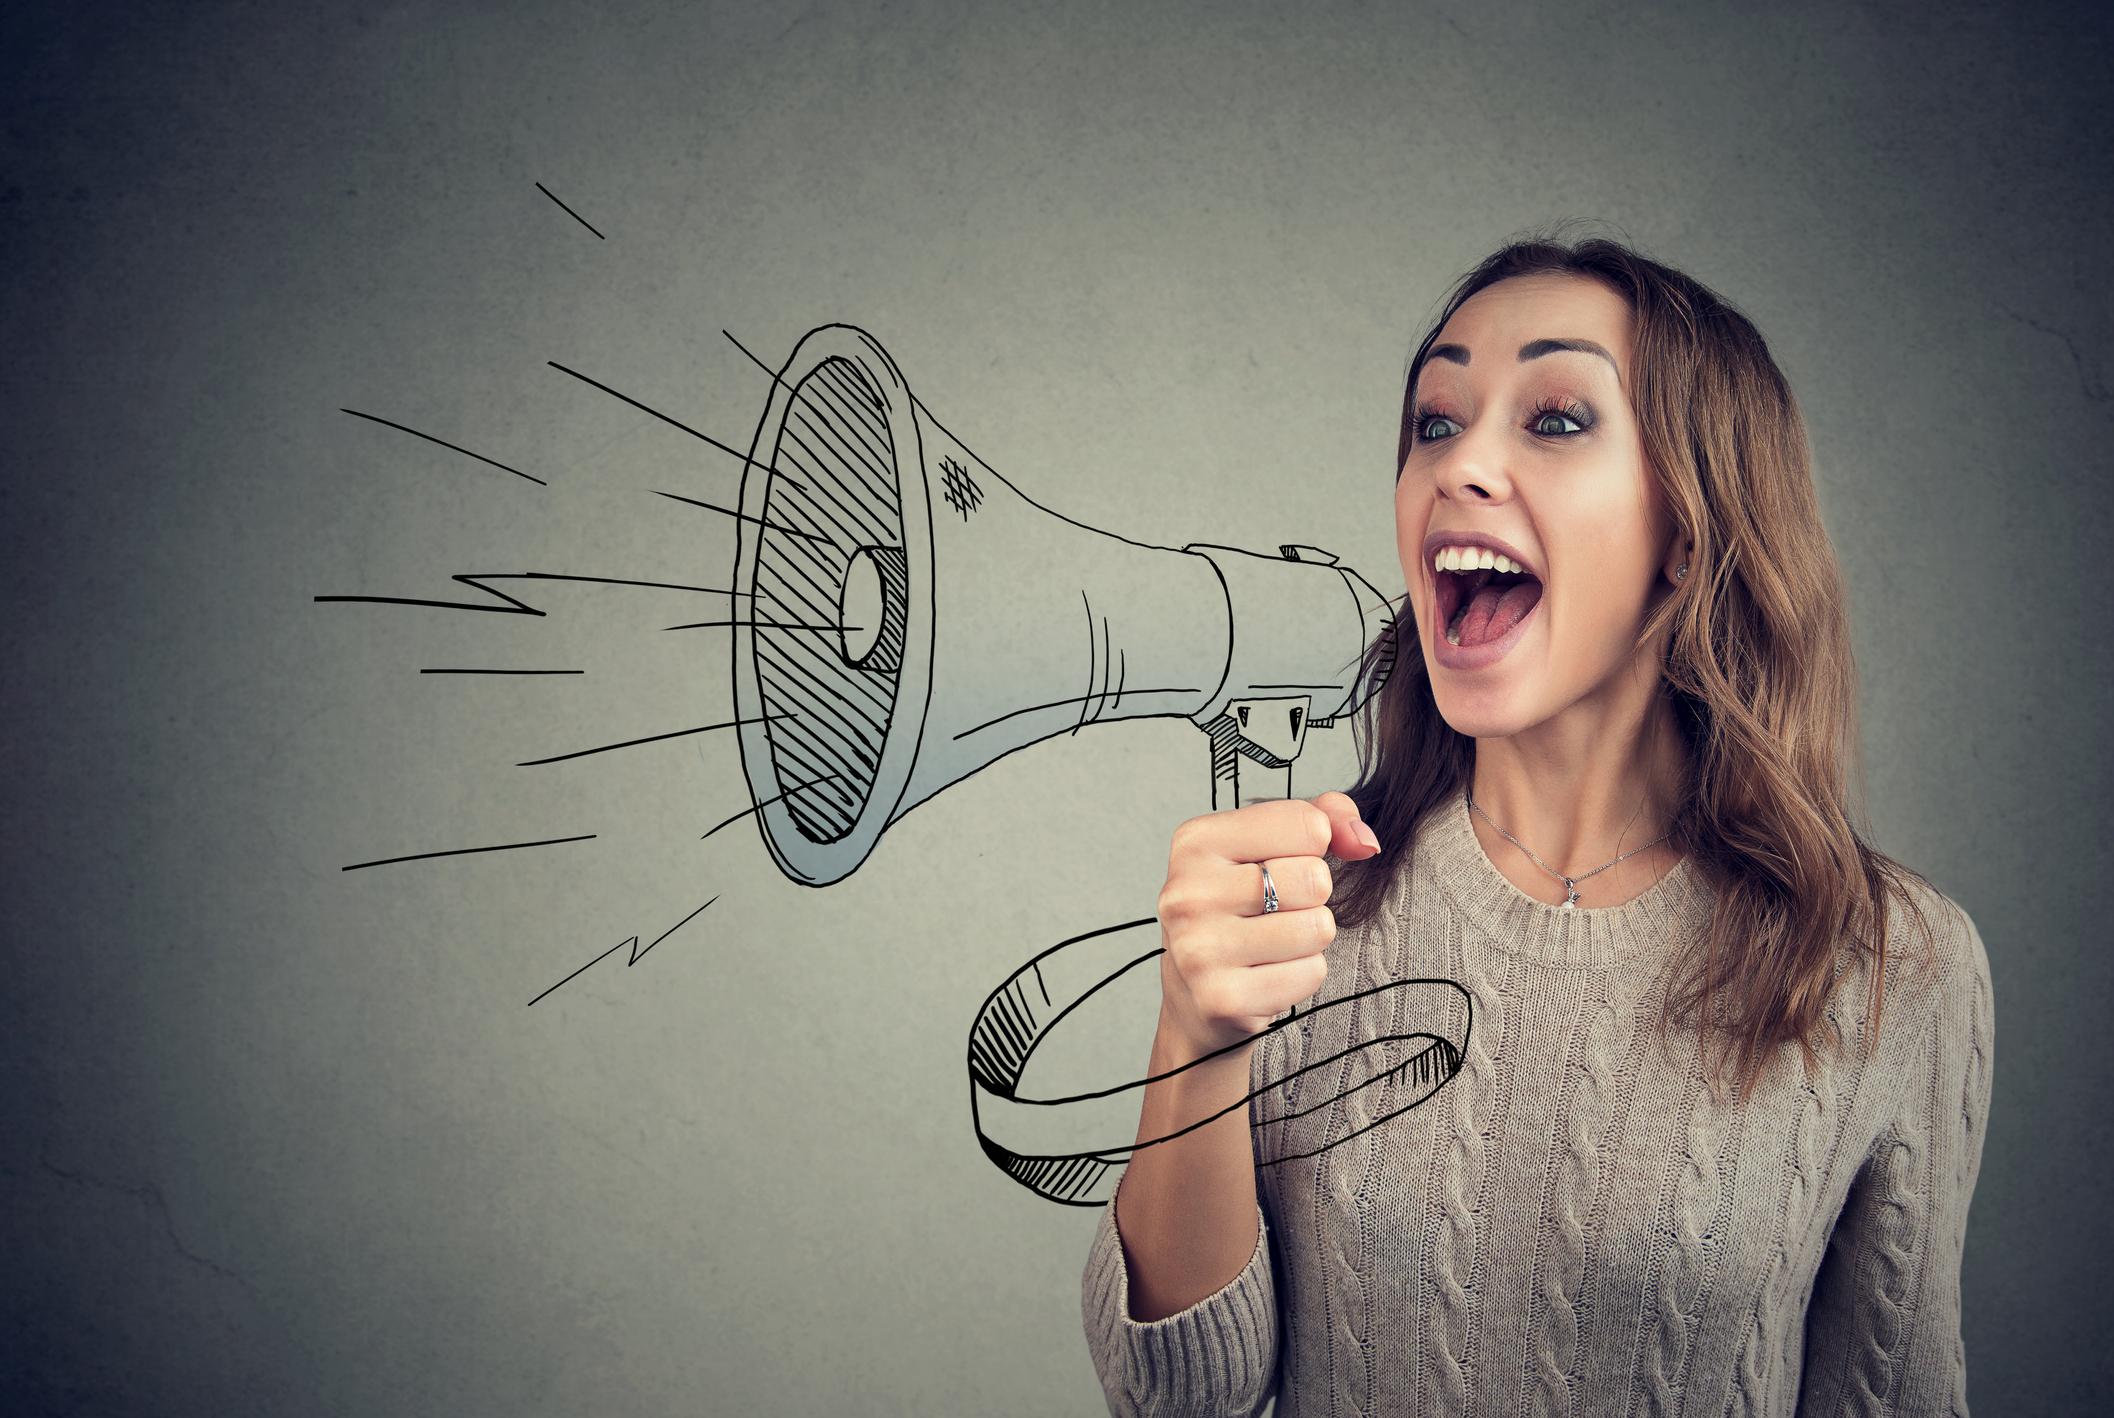 Topluluk içinde konuşmaktan korkuyor musun? İşte iyi yapman için 5 ipucu!